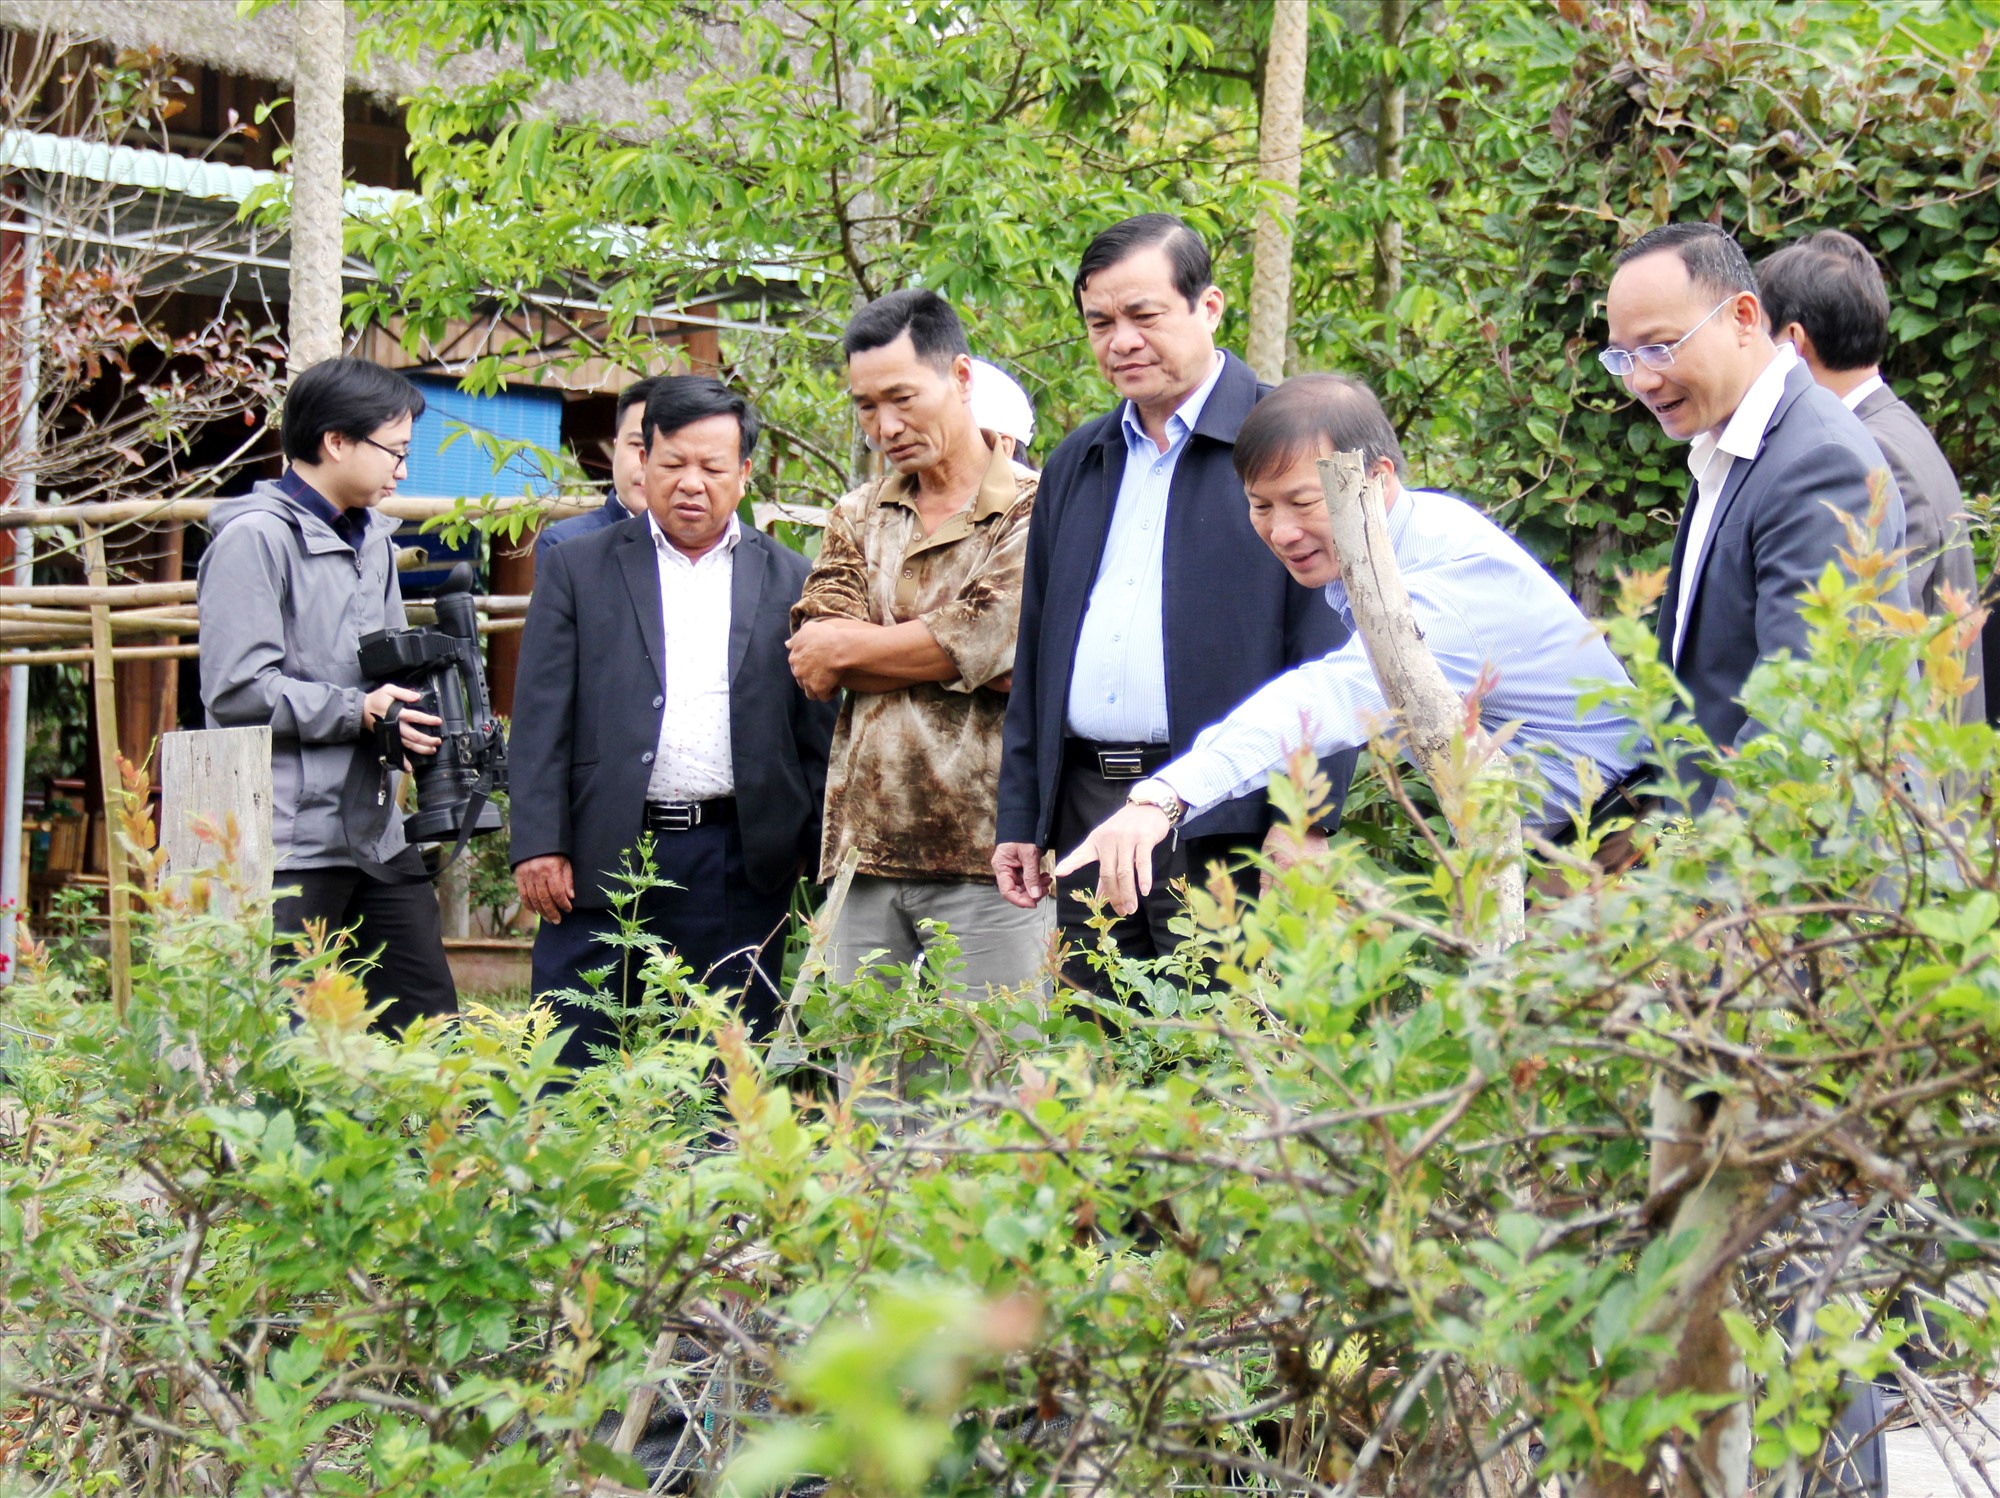 Đông Giang định hướng tiếp tục giảm nghèo, phát triển kinh tế từ các sản vật đặc trưng của địa phương. TRONG ẢNH: Đoàn công tác của Tỉnh ủy tham quan vườn trồng chè dây razéh tại xã Tư. Ảnh: ALĂNG NGƯỚC